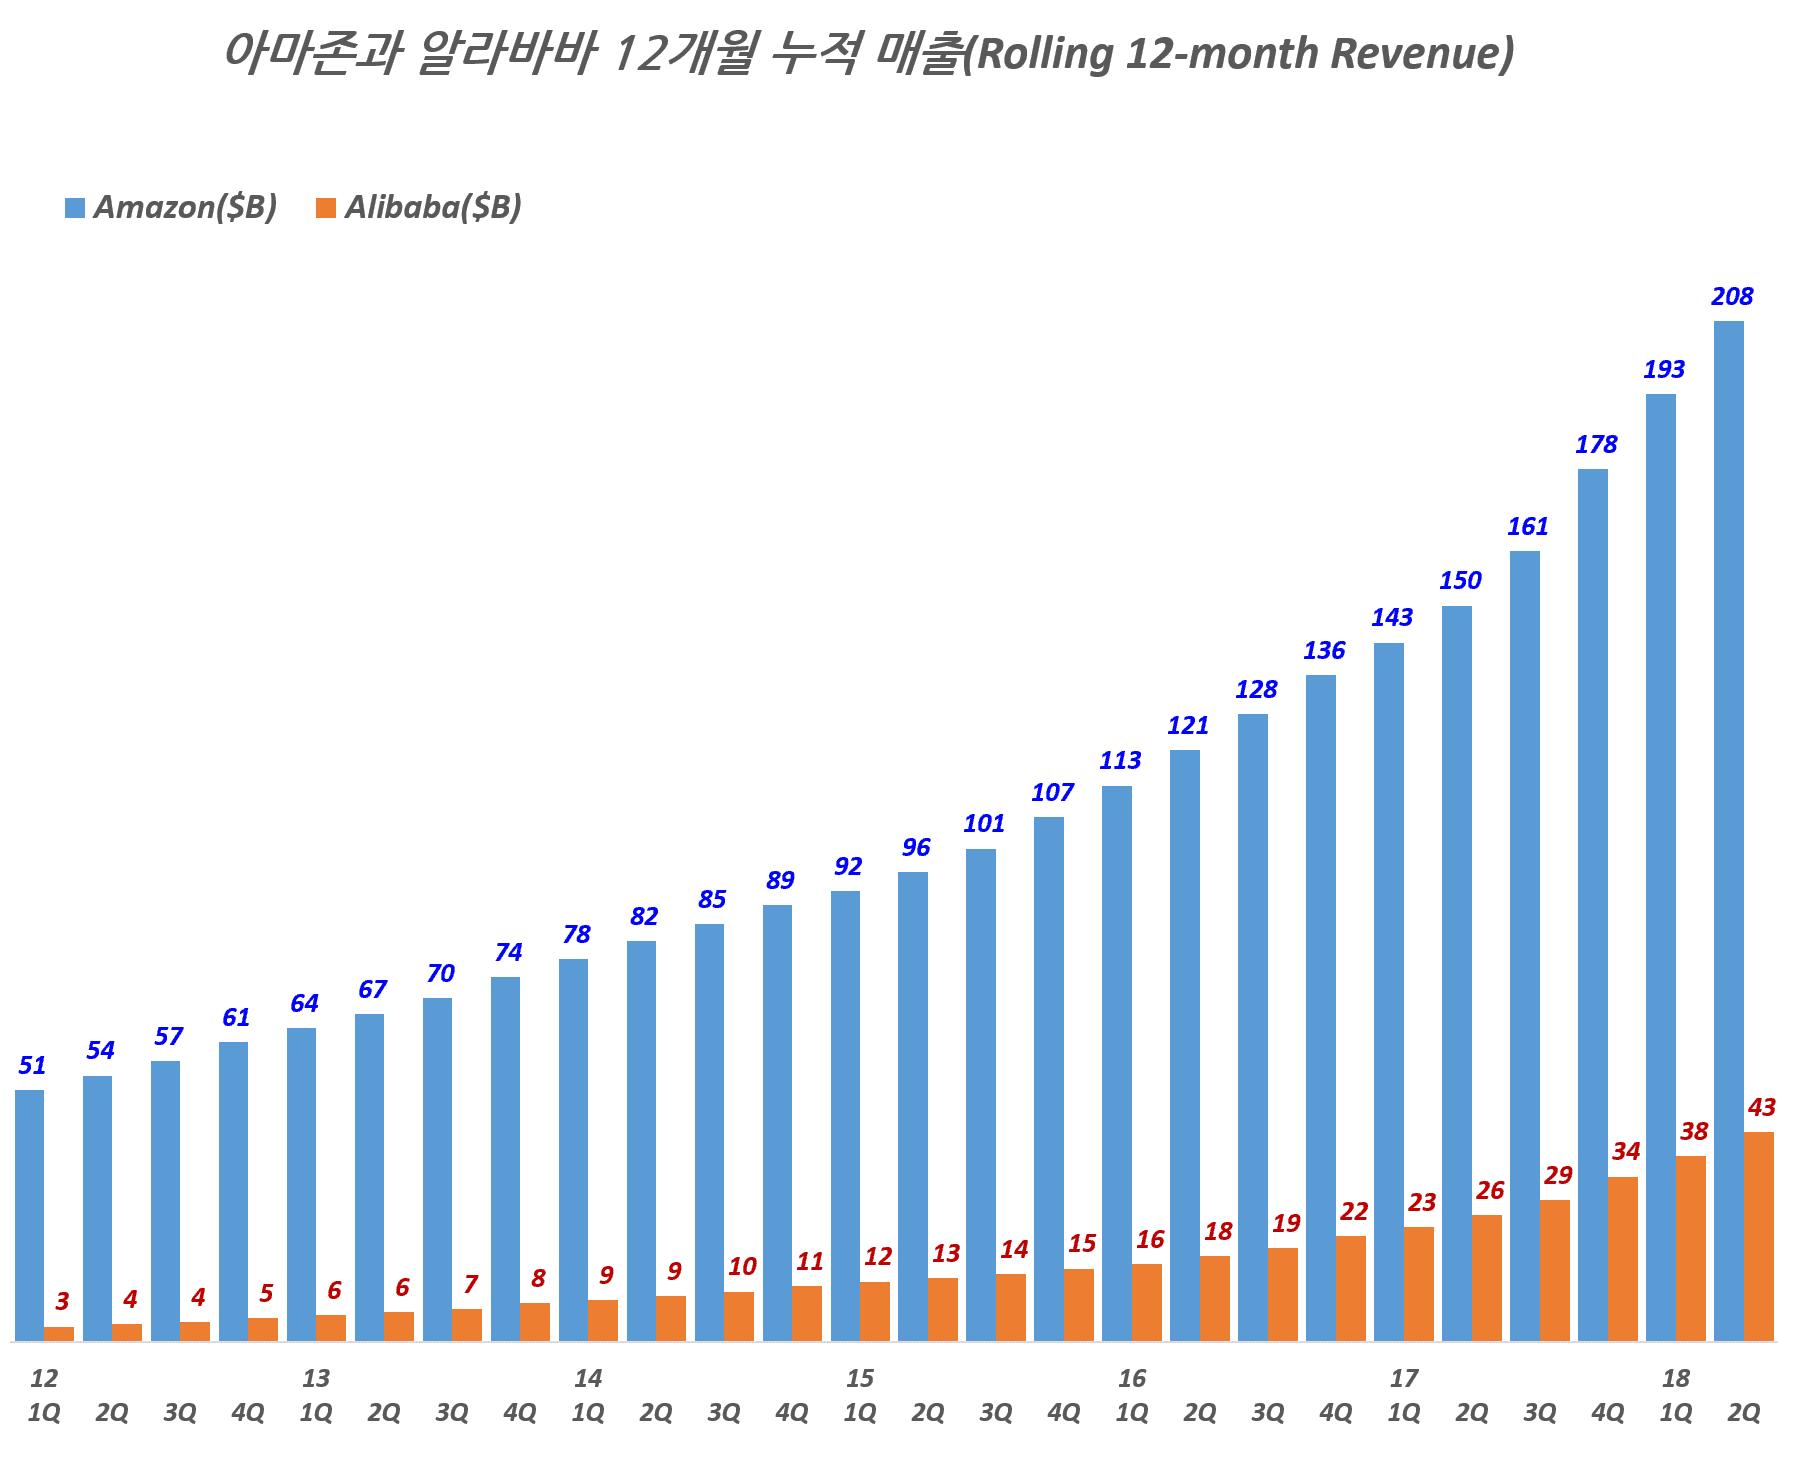 아마존과 알리바바의 12개월 누적 매출(Rolling 12-month Revenue), Data Source - Quzrtz & Graph by happist